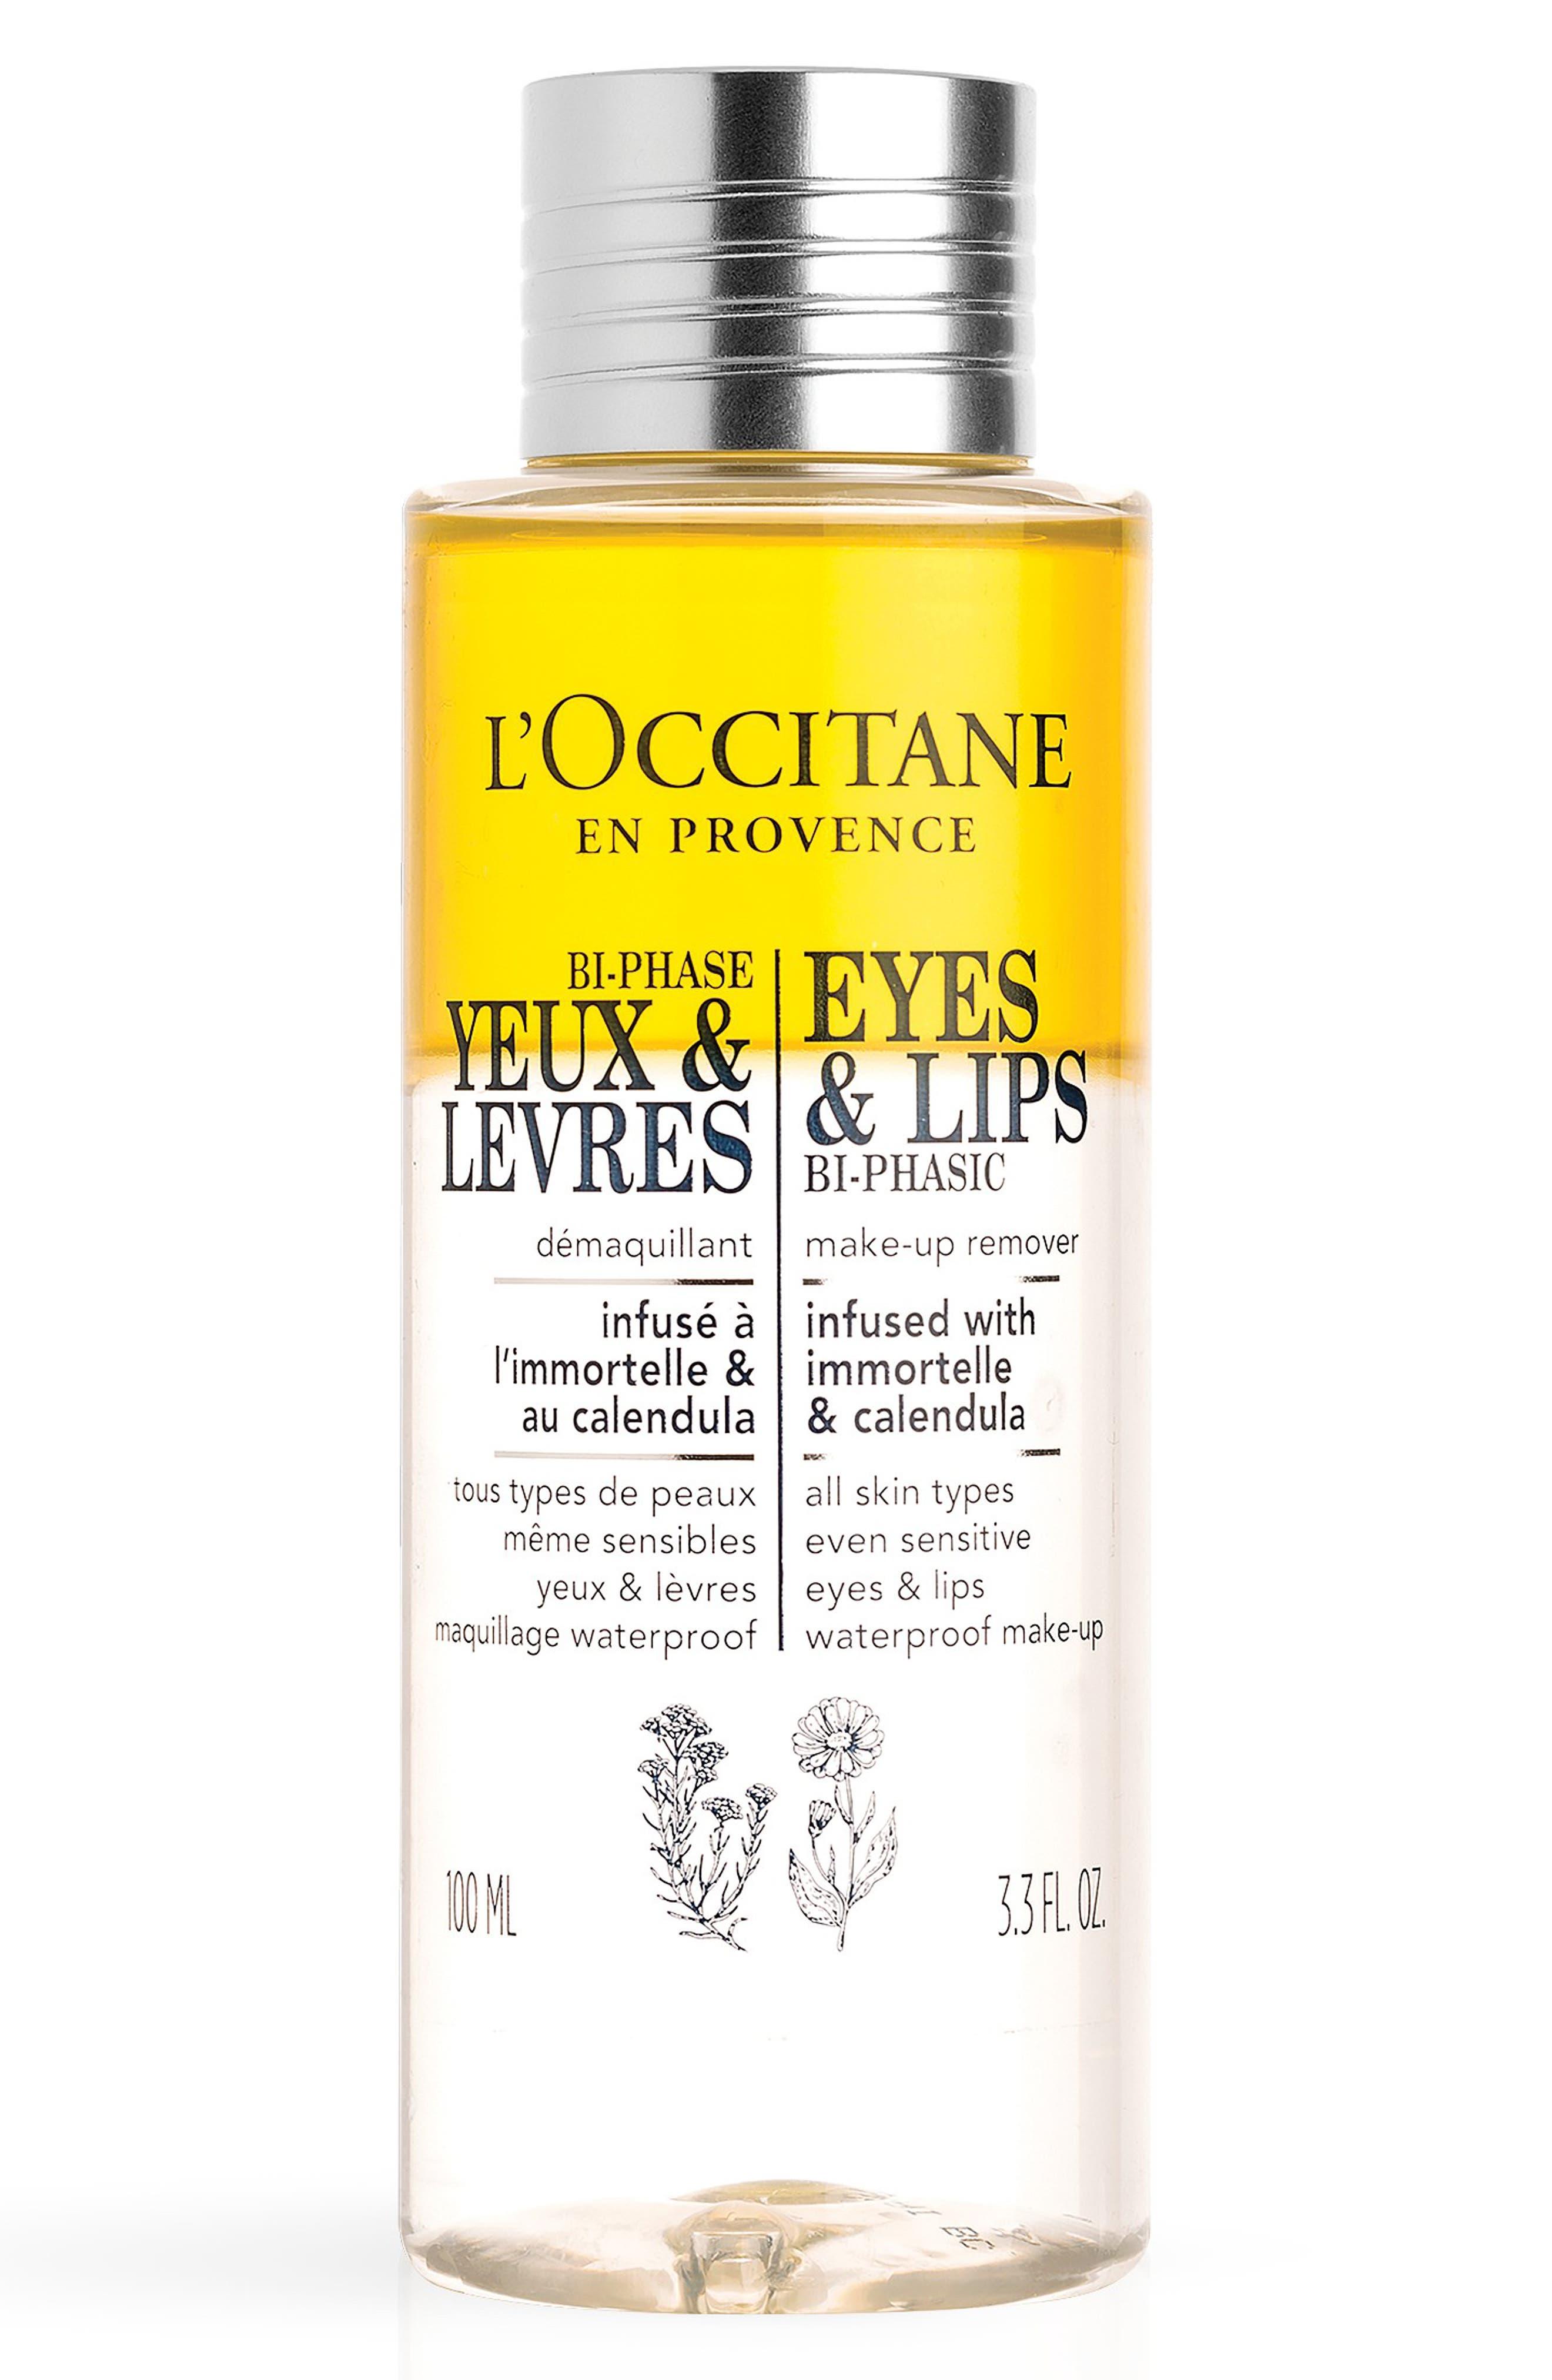 Eyes & Lips Bi-Phasic Makeup Remover